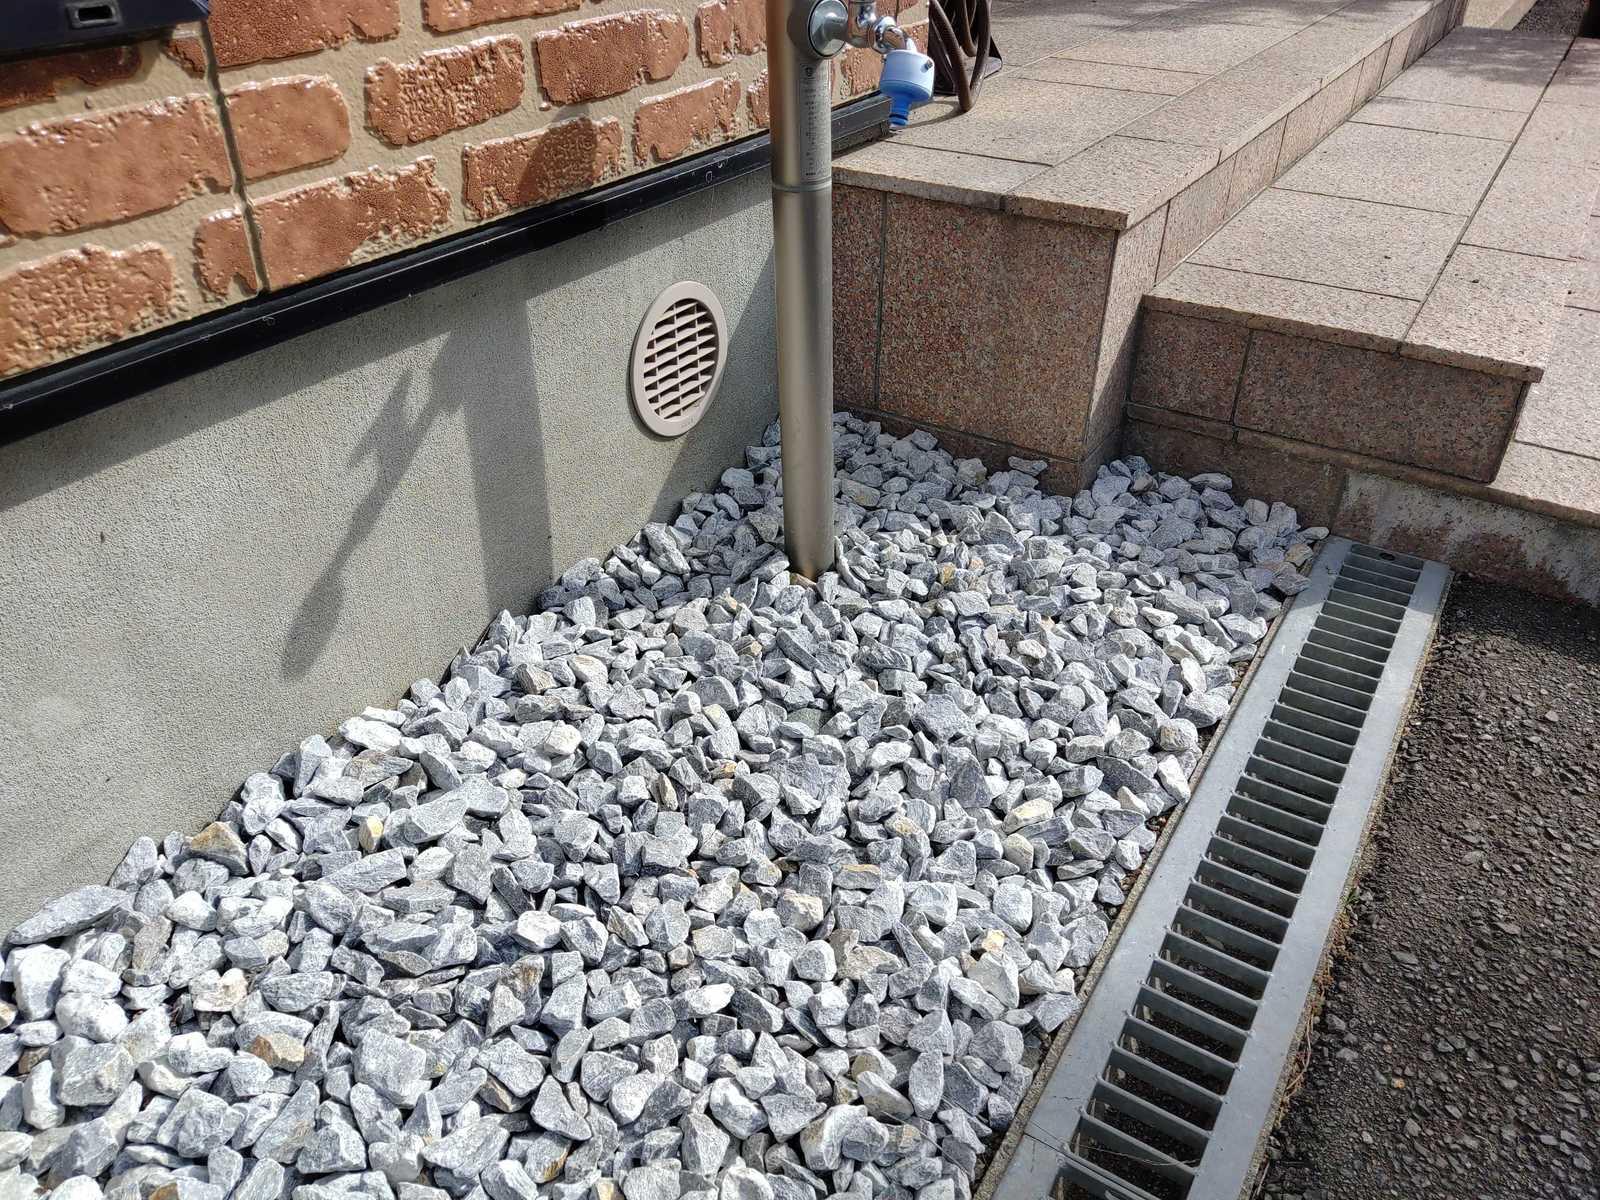 天然石を使用した砕石です 商品名:石灰石 新作通販 20~40mm 20kg ついに再販開始